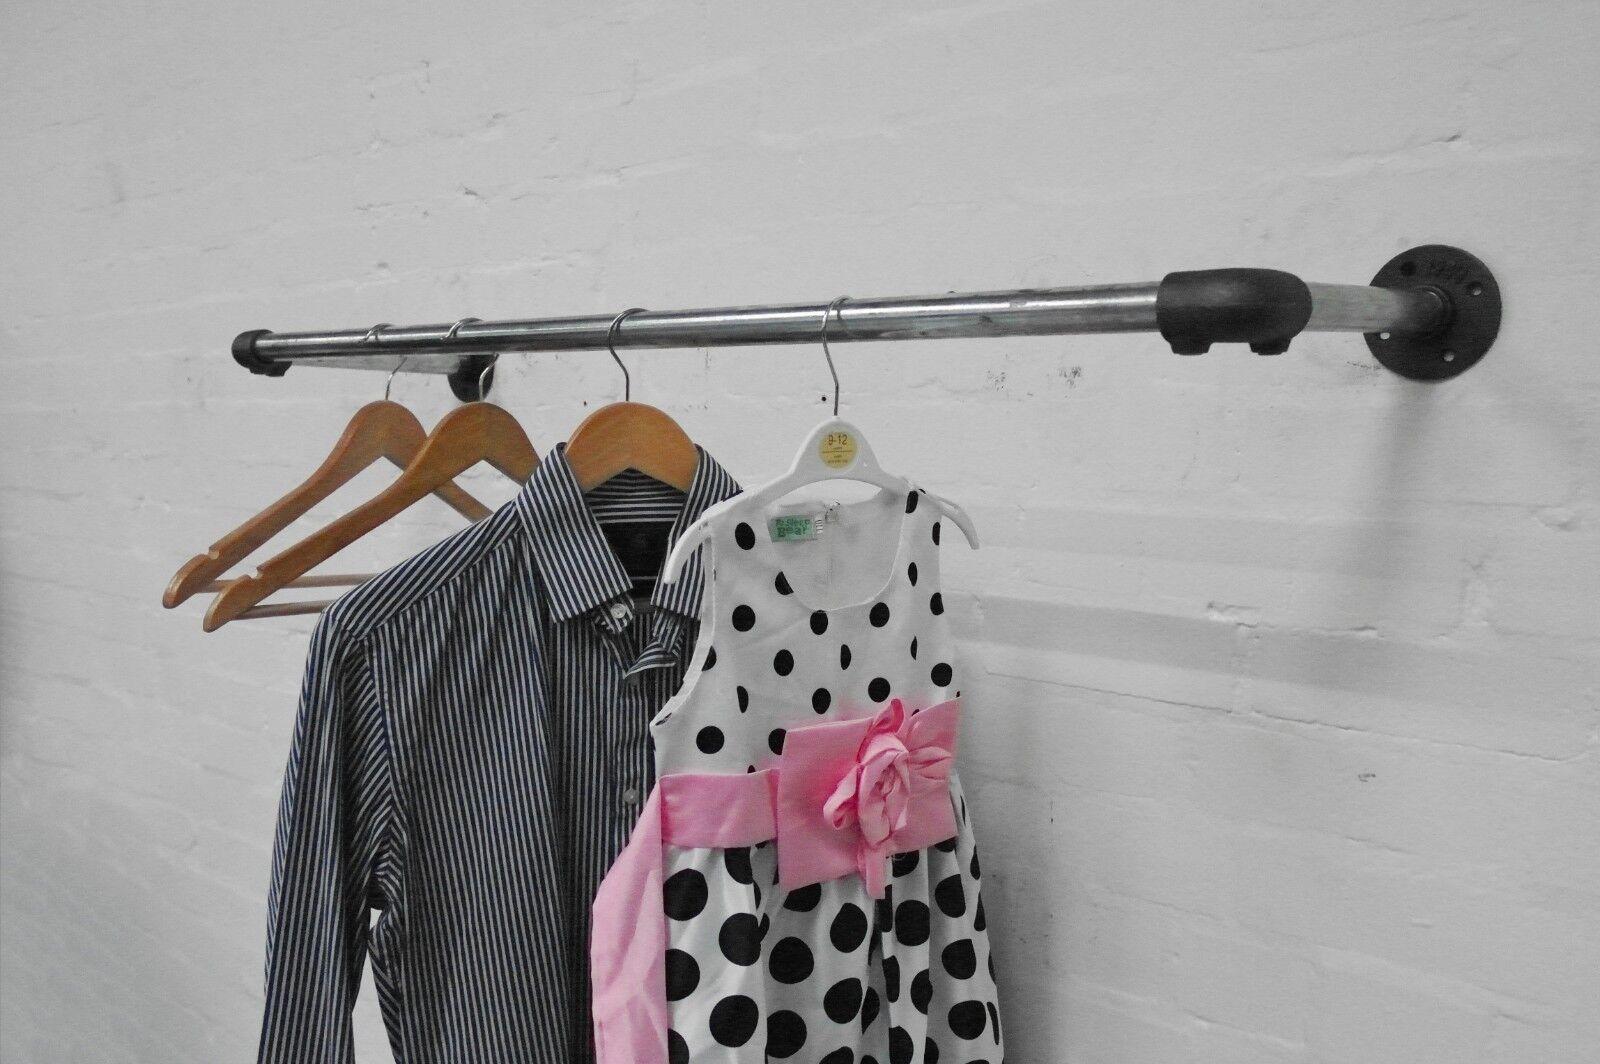 Carril de ropa vintage-hecha de plata y negro Abrazadera clave clave Abrazadera industrial accesorios de tubería fa5870